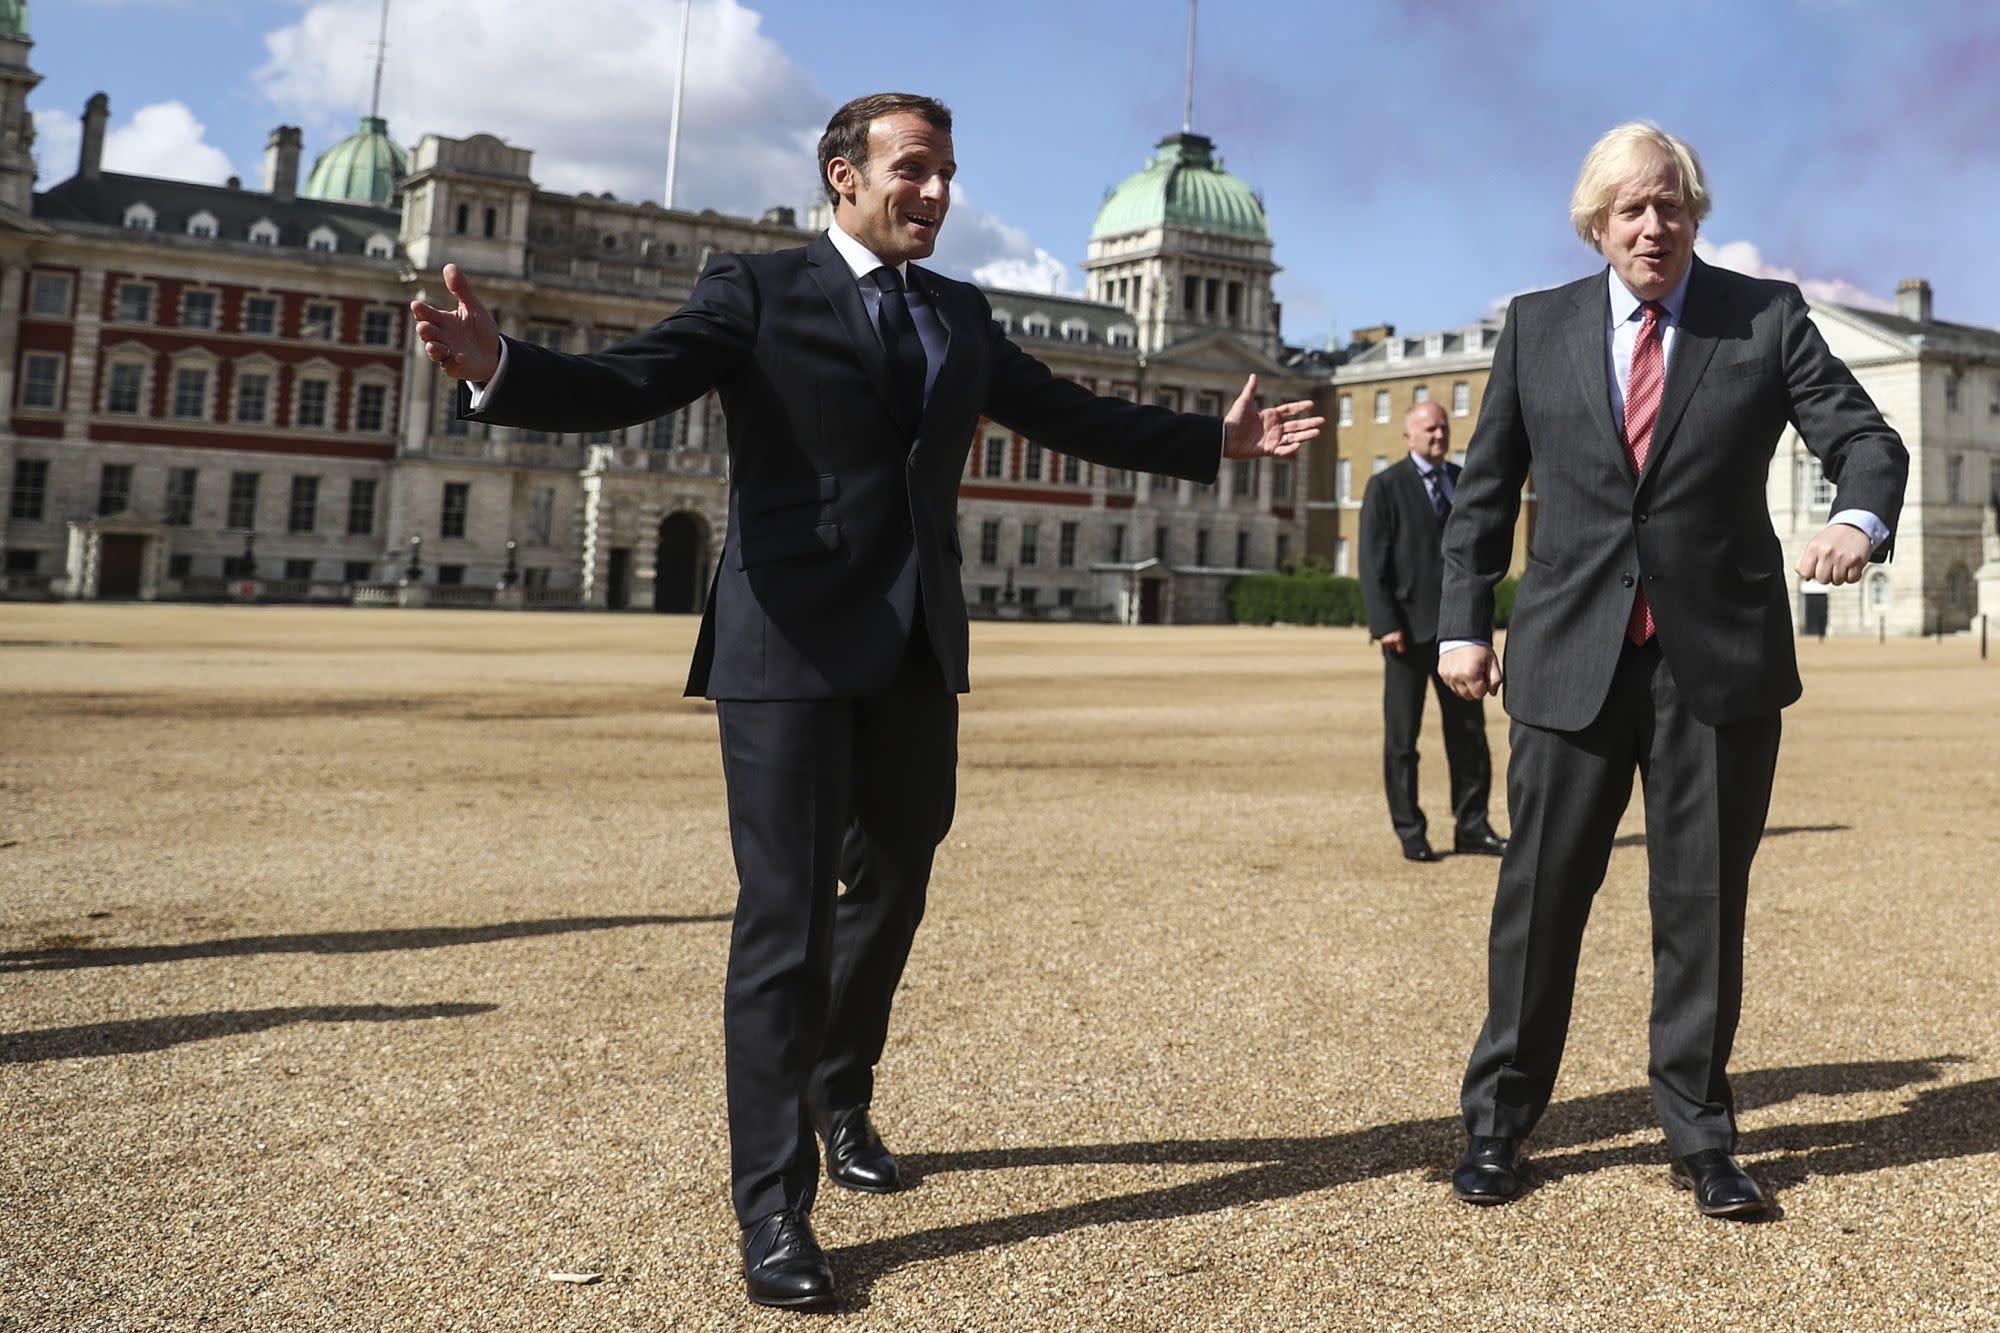 Macron E Curinga Em Tentativa De Acordo De Reino Unido Com Ue